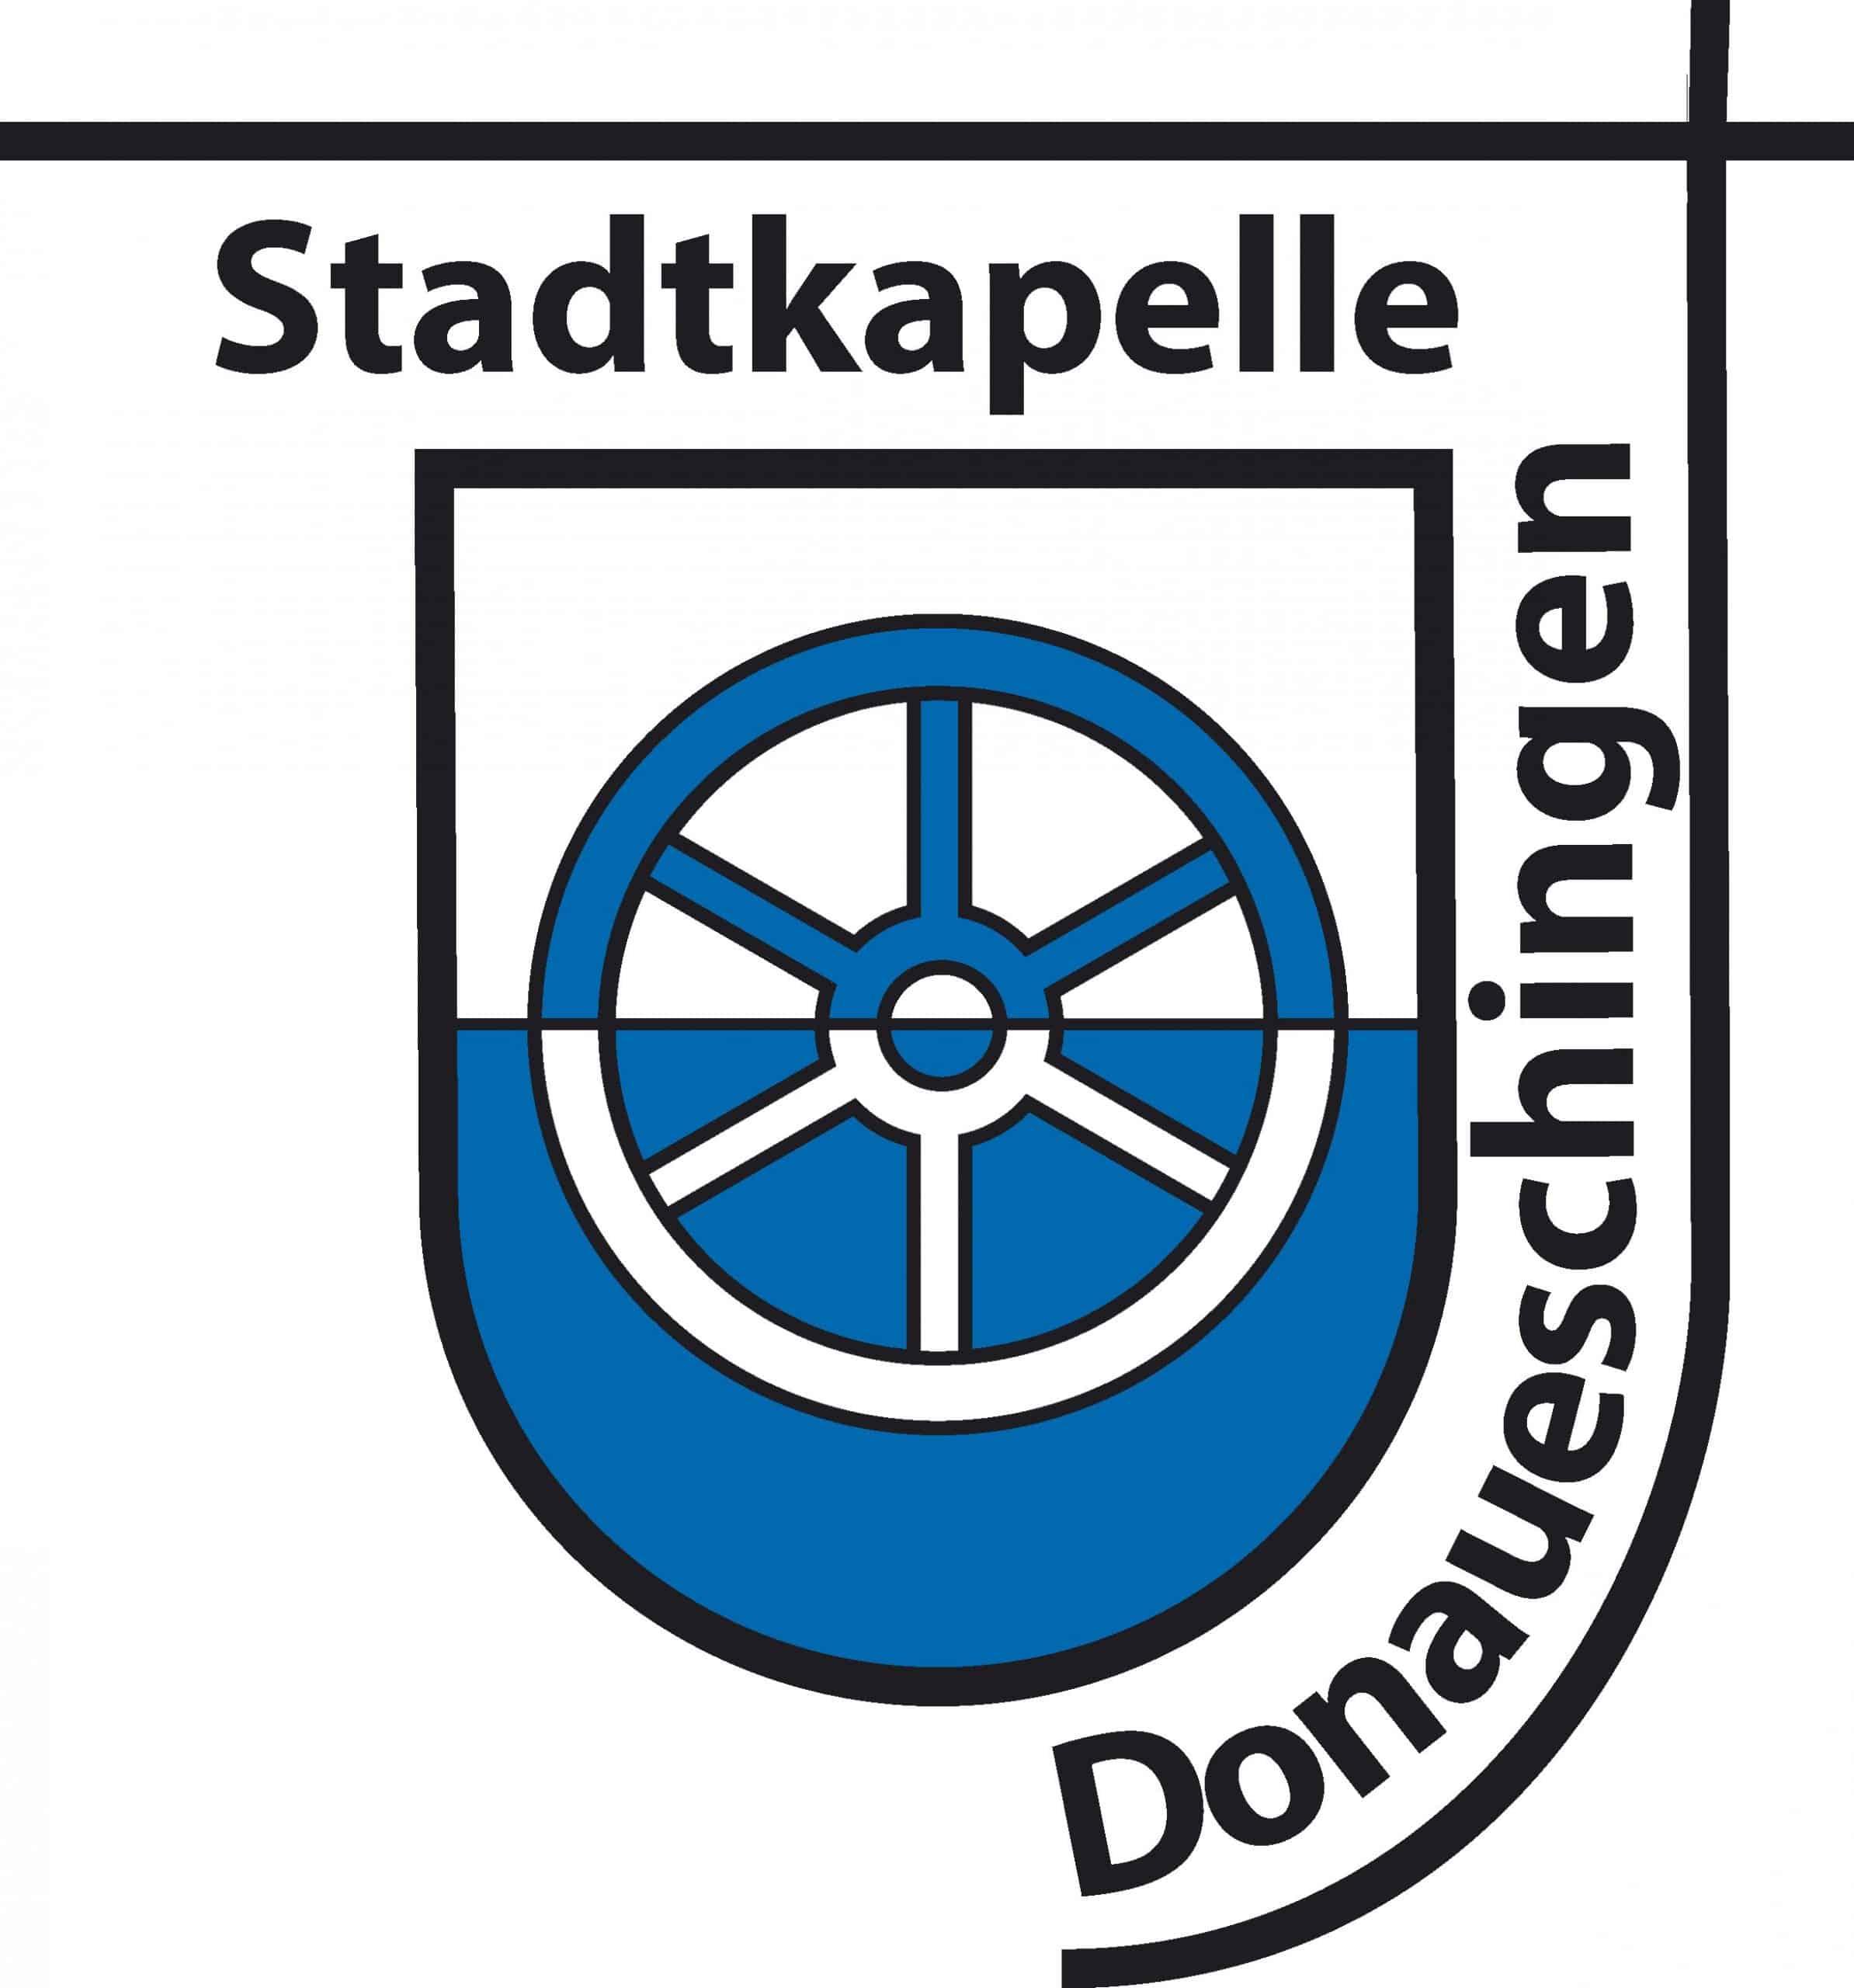 Stadtkapelle Donaueschingen 1827 e.V.